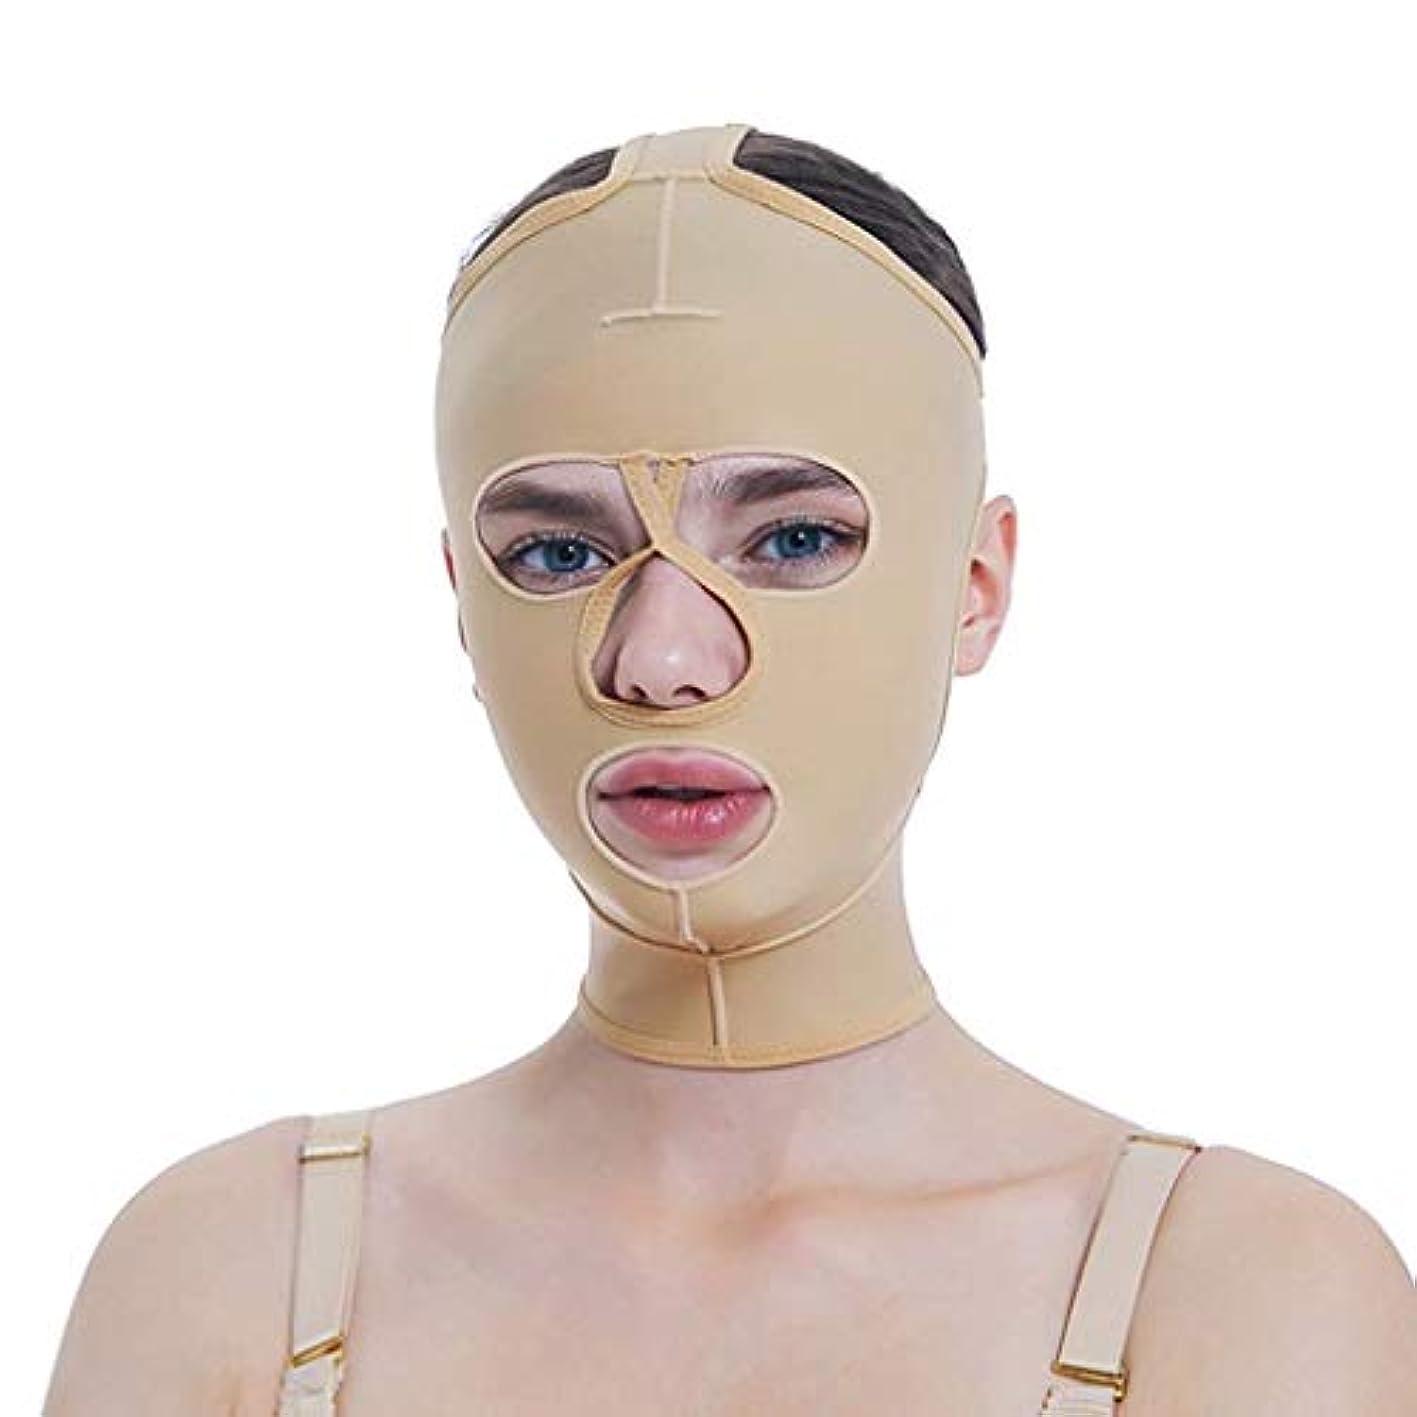 対角線市長傷つける脂肪吸引術用成形マスク、薄手かつらVフェイスビームフェイス弾性スリーブマルチサイズオプション(サイズ:M)